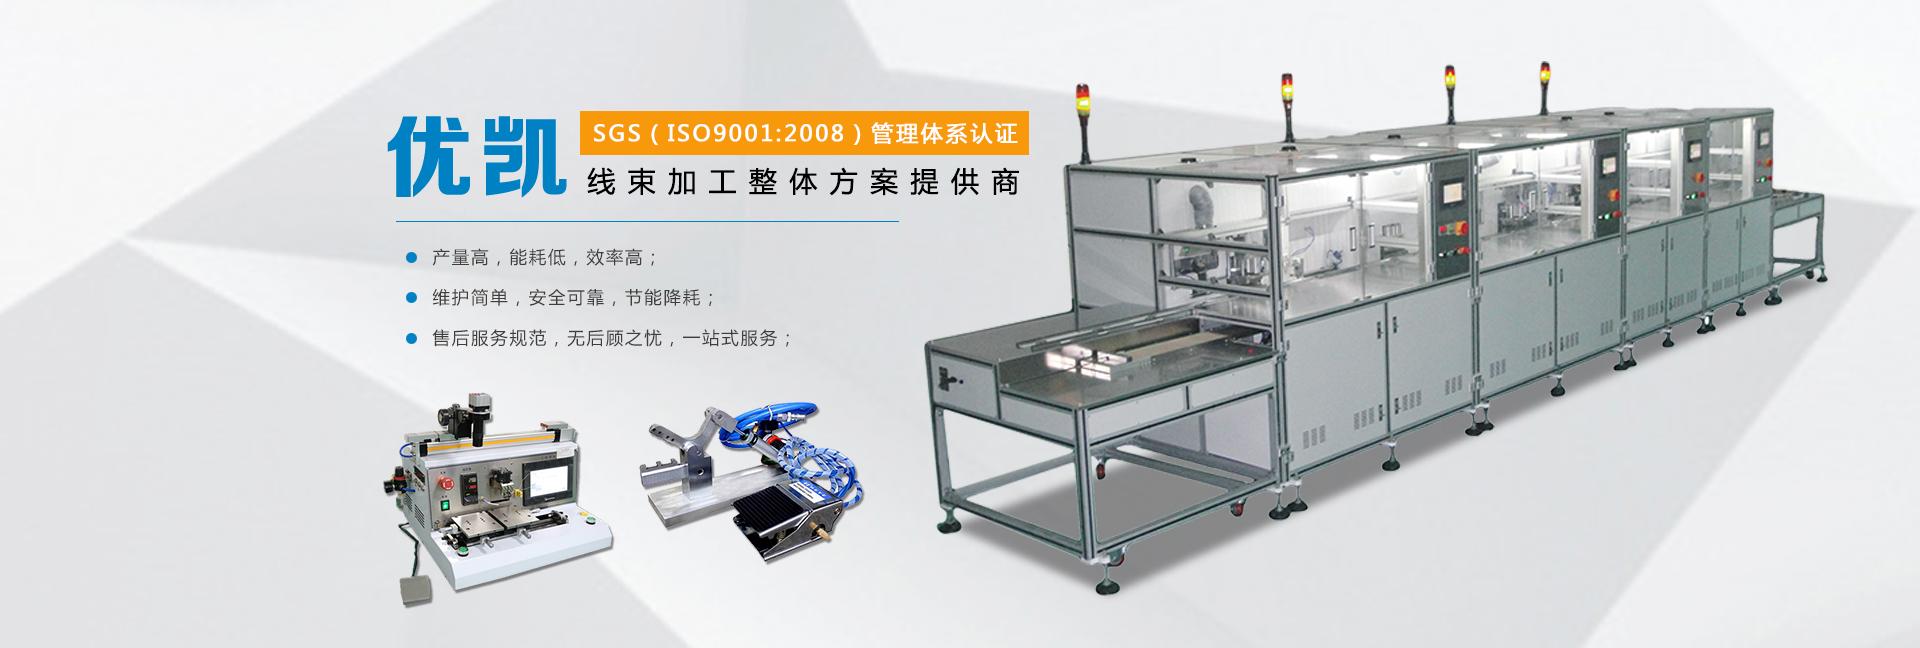 自动焊接机厂